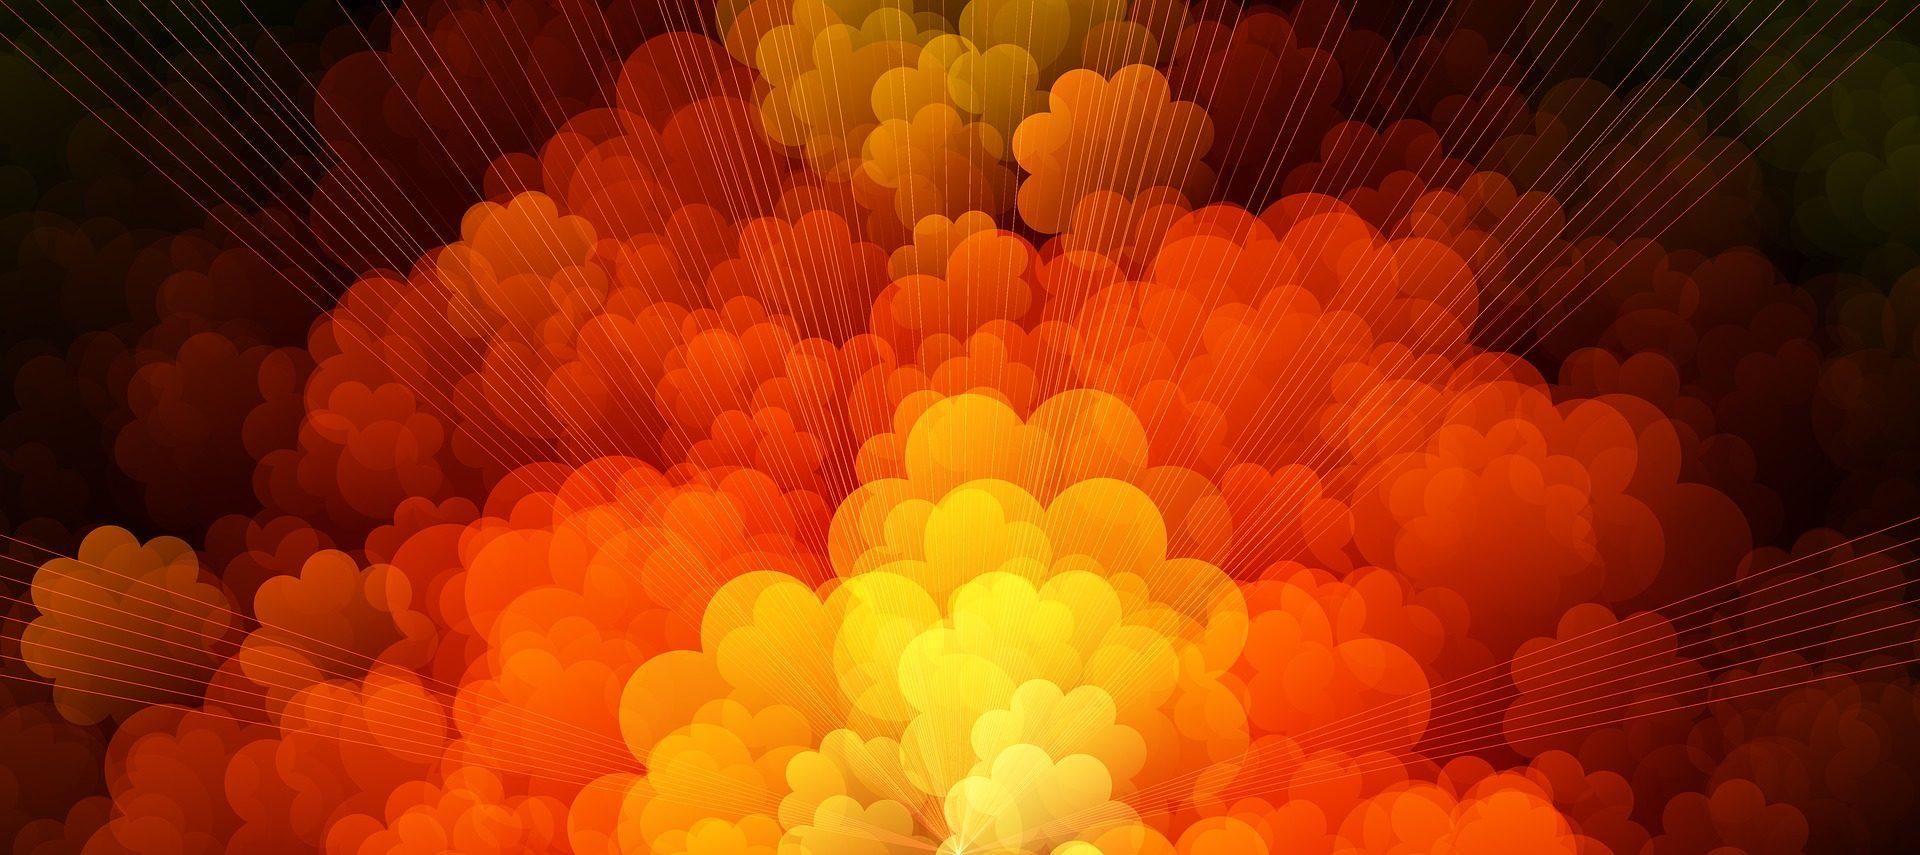 formas, colores, nubes, humo, círculos, rayas, naranja - Fondos de Pantalla HD - professor-falken.com